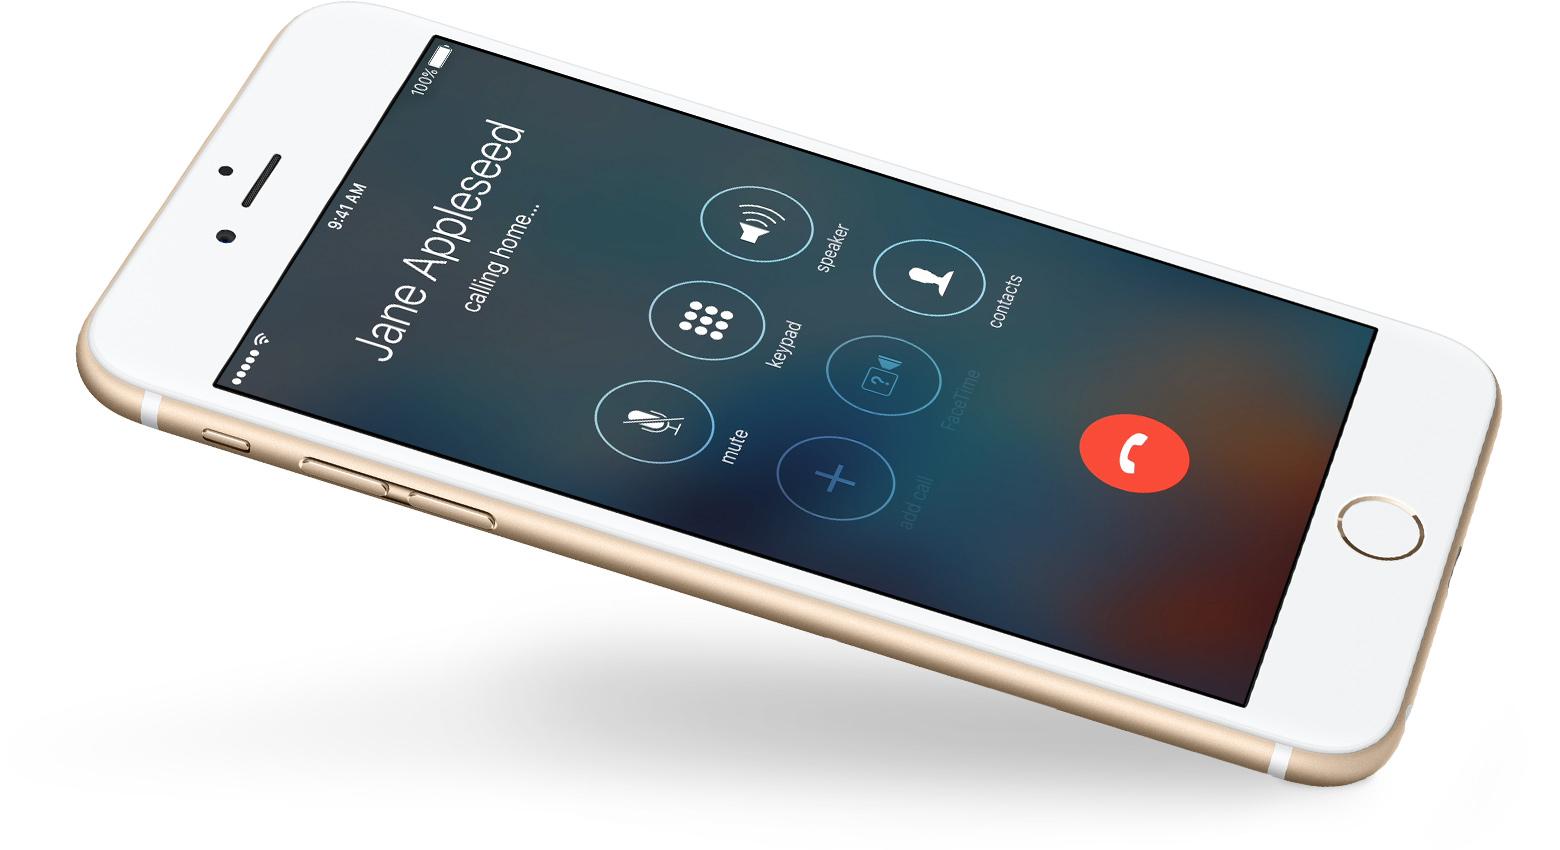 La última generación del iPhone sigue registrado algunas fallas menores